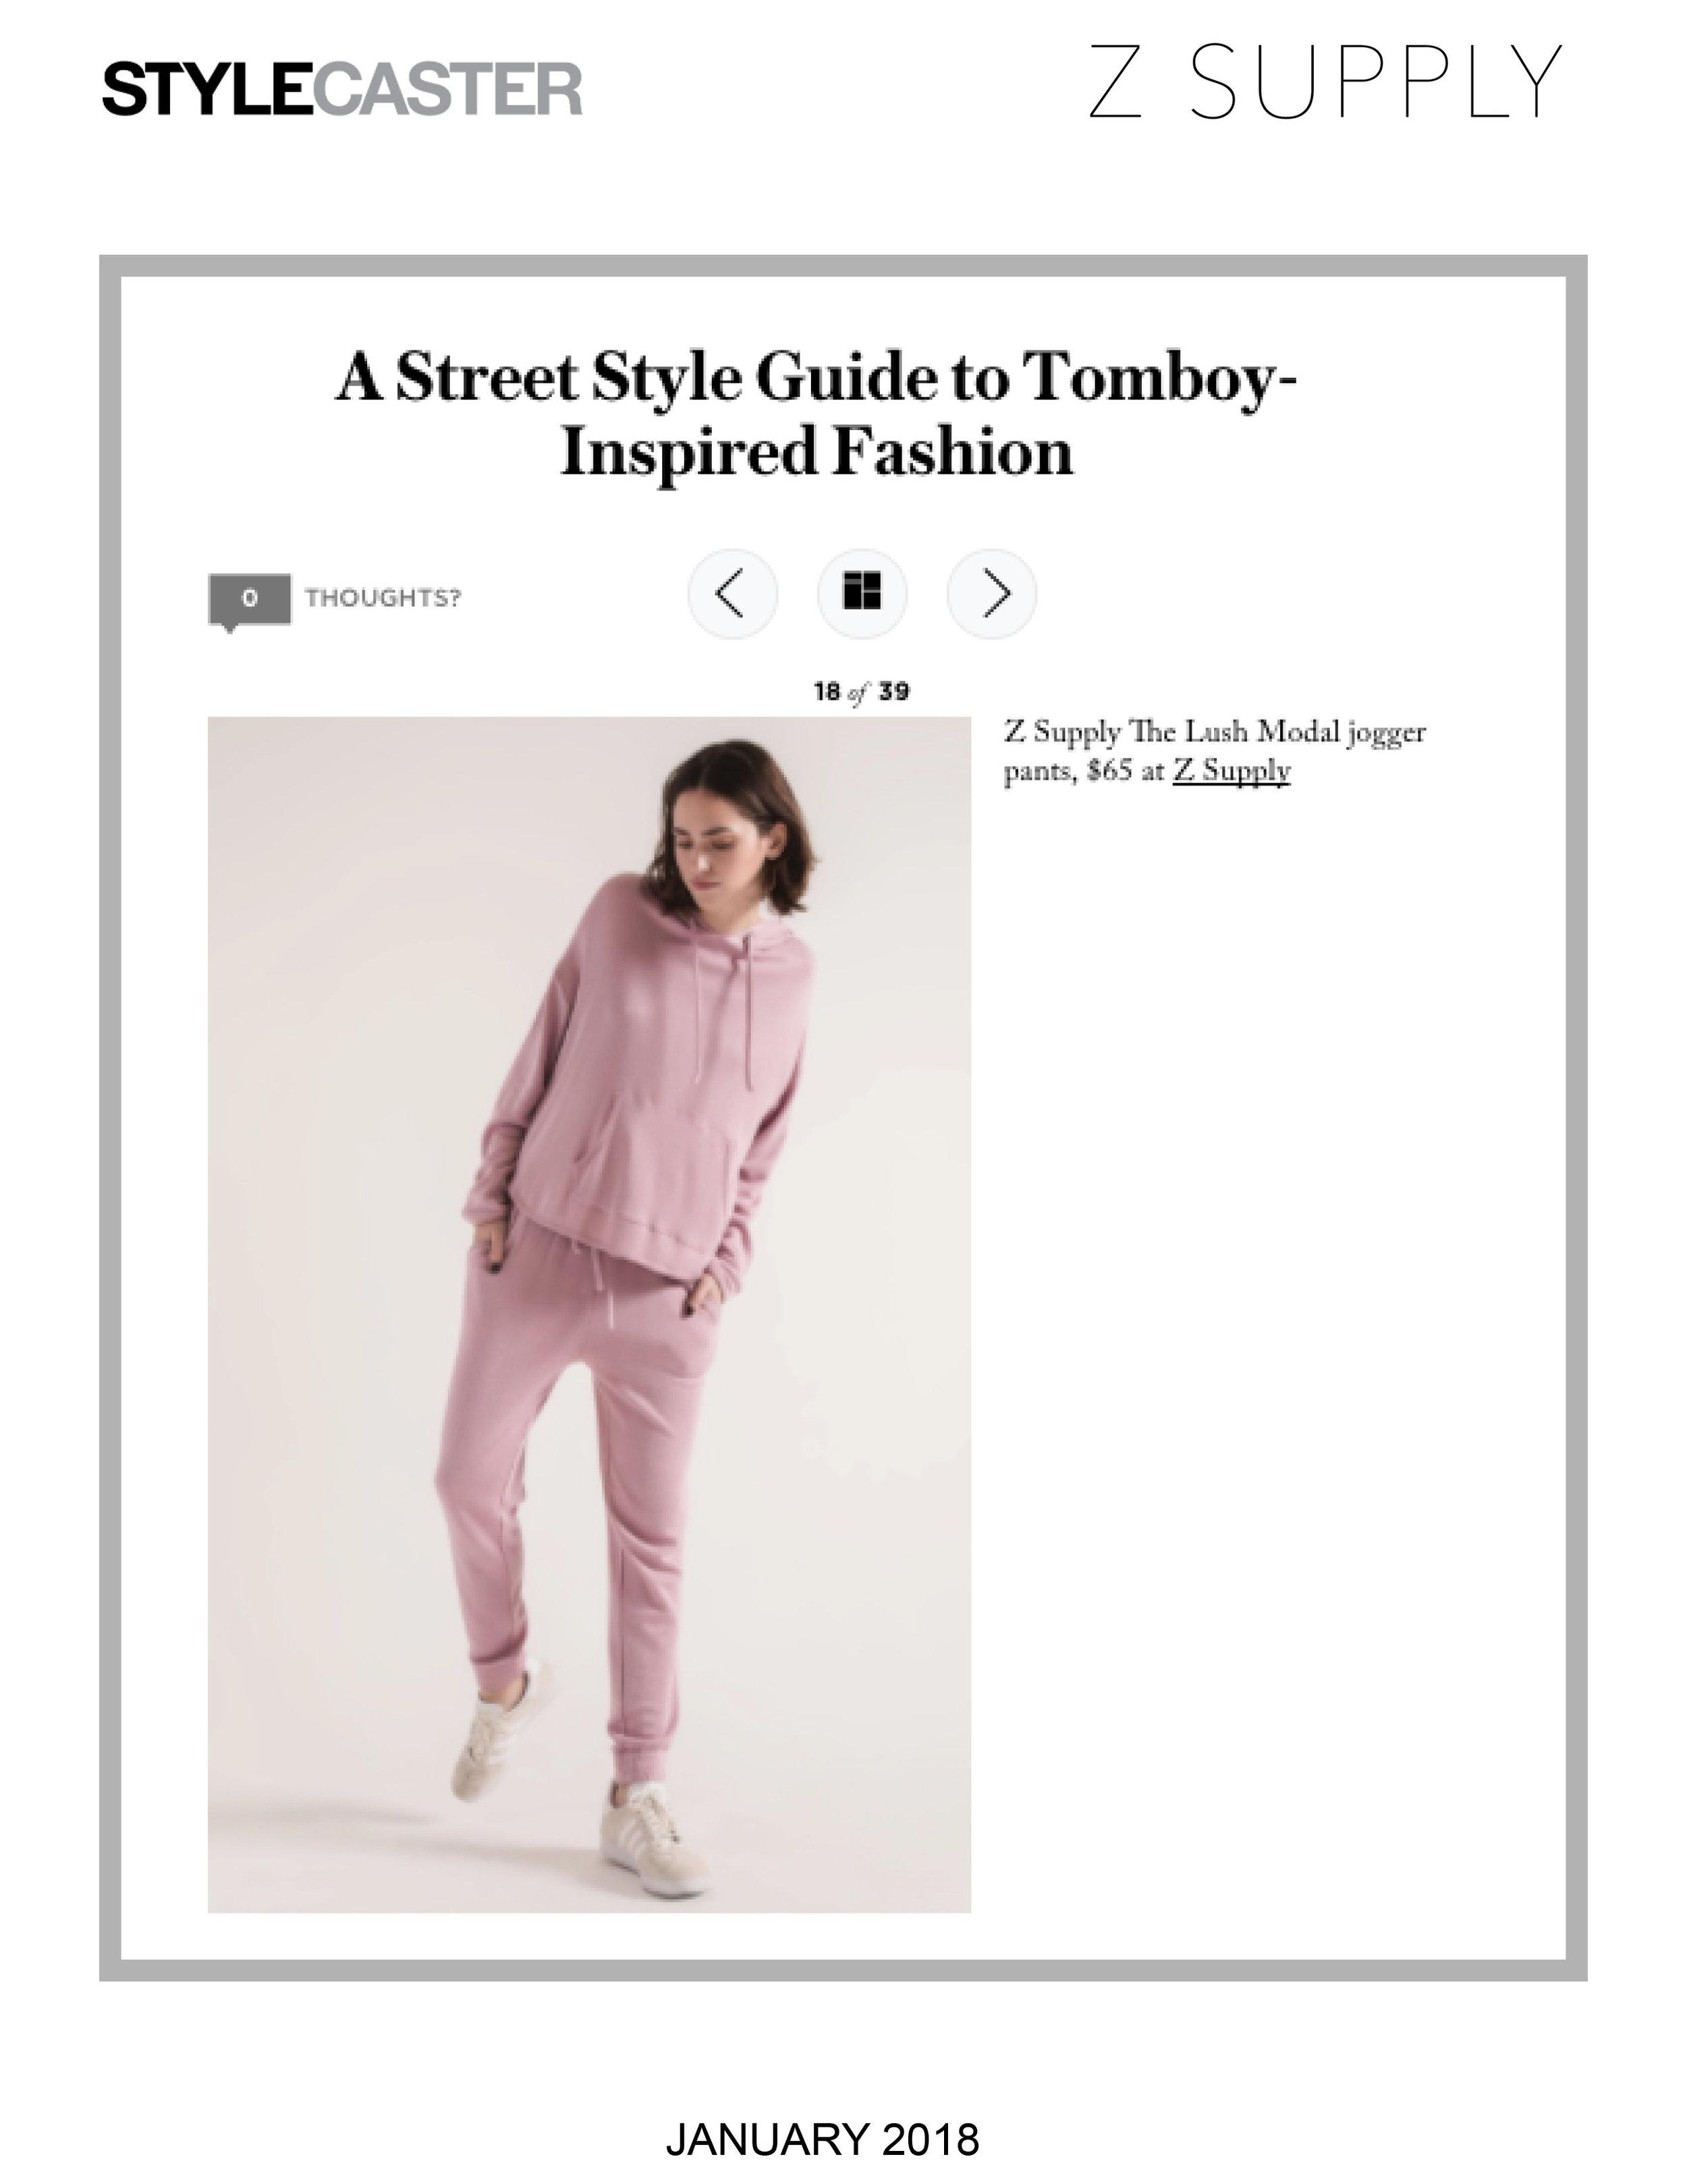 ZS_StyleCaster_January2018 2.jpg